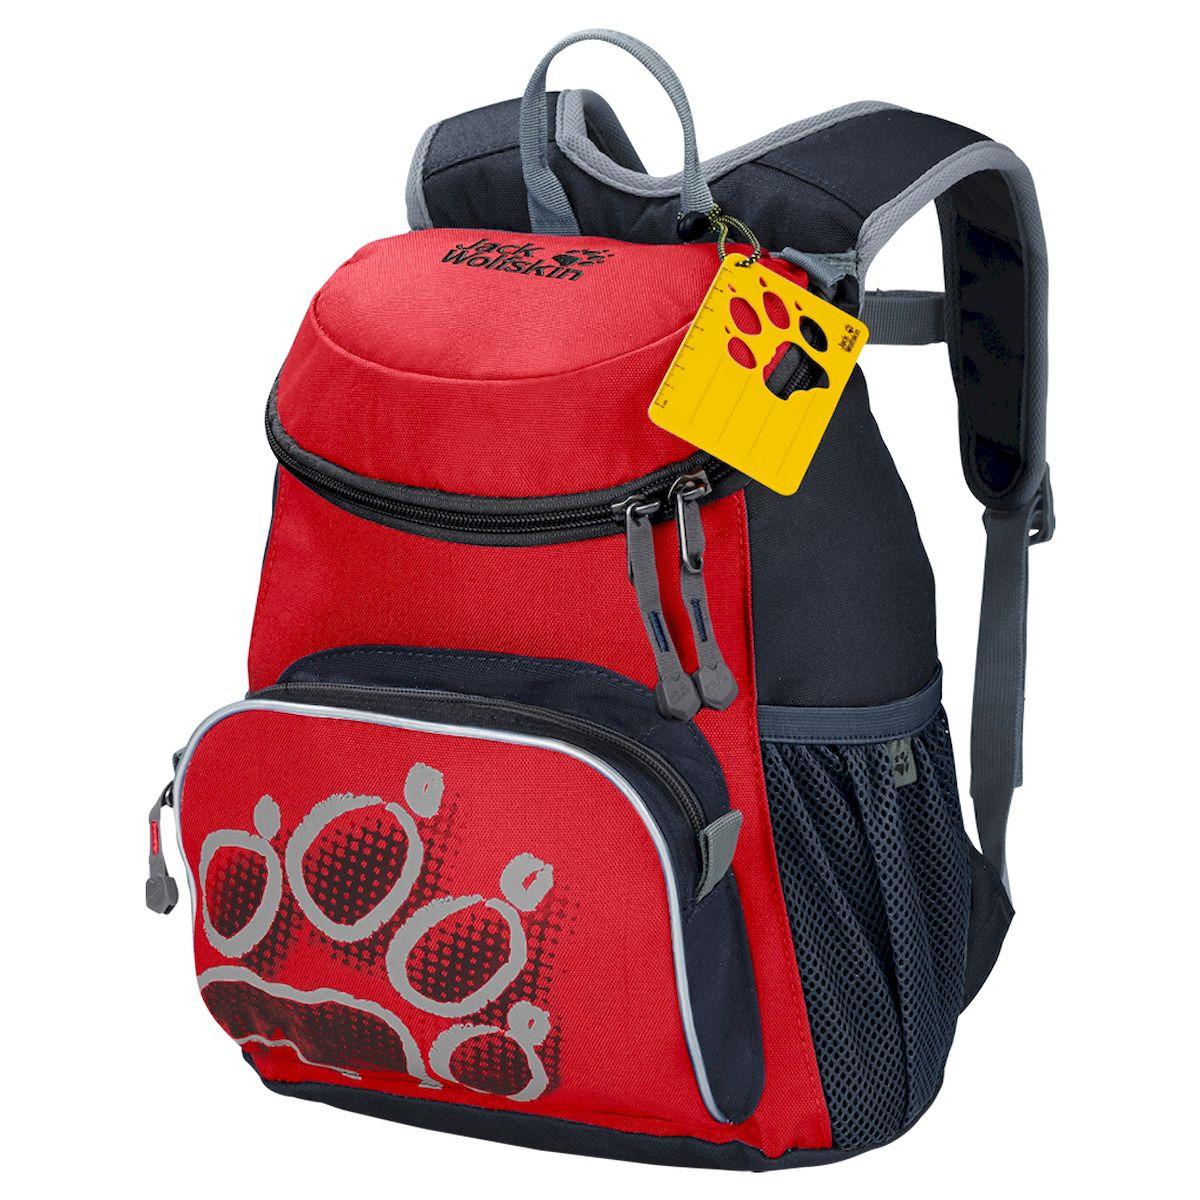 Рюкзак Jack Wolfskin? Little Joe, детский, красный26221-2015Маленький рюкзак для маленьких искателей приключений. Благодаря удобному для детей дизайну, рюкзак LITTLE JOE (ЛИТЛ ДЖО) превосходно подойдет юным любителям природы. Рюкзак идеально подходит для детского сада и первых путешествий. Плюшевый мишка, бутерброды и непромокаемая куртка смогут расположиться в четырех практичных отделениях: основном отделении, переднем кармане и двух боковых карманах из сетки, где их будет очень легко найти, когда они снова понадобятся. Чтобы облегчить нагрузку на спину ребенка, мы уделили особое внимание дизайну системы подвески. Система подвески SNUGGLE UP (СНАГГЛ АП) оснащена гибкими, плотно прилегающими к телу лямками, которые можно зафиксировать с помощью грудной стяжки. Эта система удерживает рюкзак в нужном положении даже во время самой подвижной игры. Все застежки рассчитаны на возможности детей, поэтому процессы открывания и закрывания не требуют помощи взрослых.